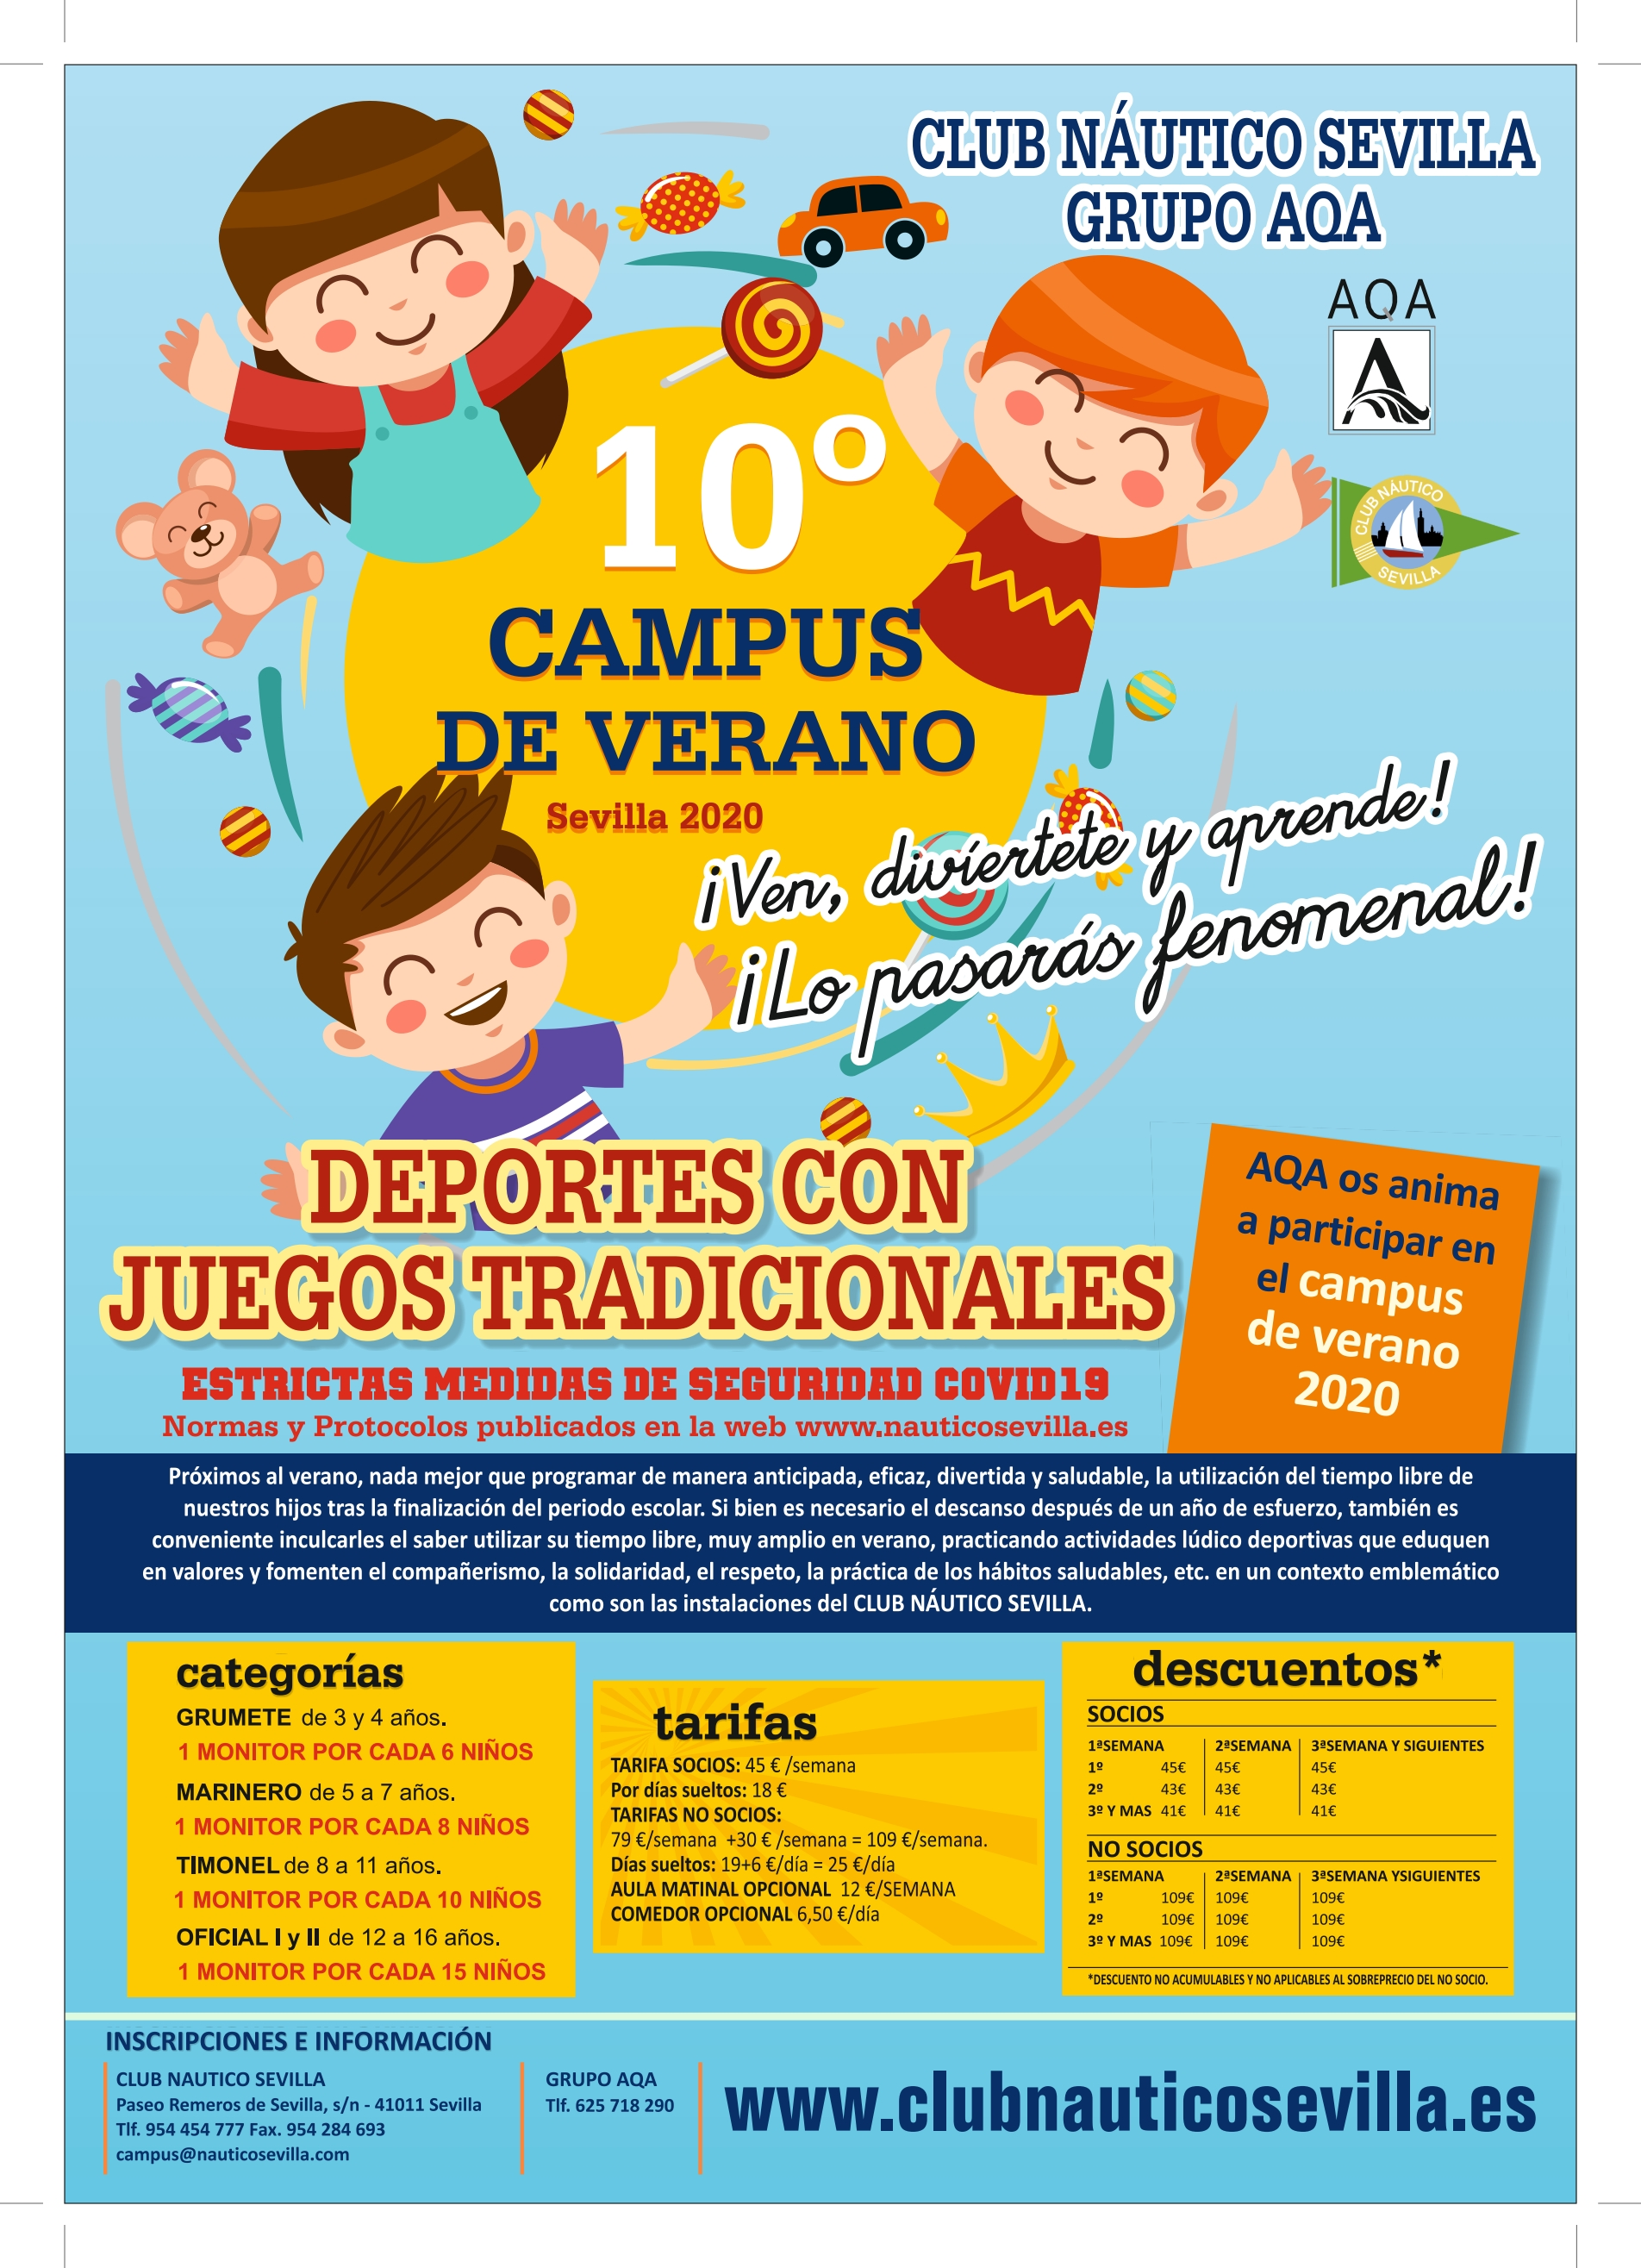 Campusverano2020.jpg